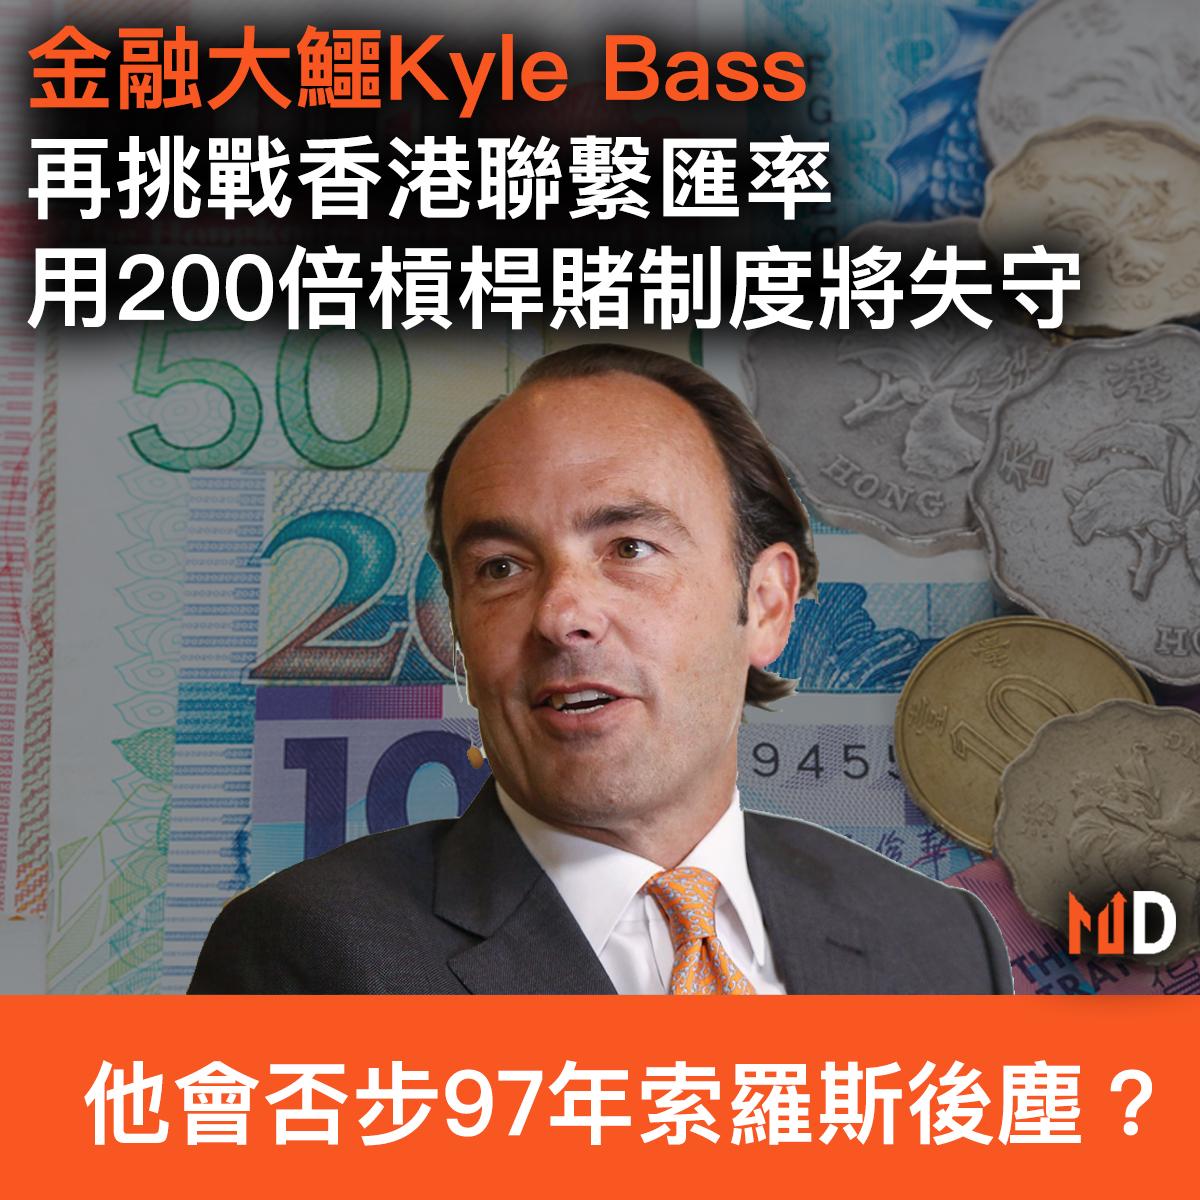 【市場熱話】金融大鱷Kyle Bass再挑戰香港聯繫匯率,持200倍槓桿基金賭制度將失守